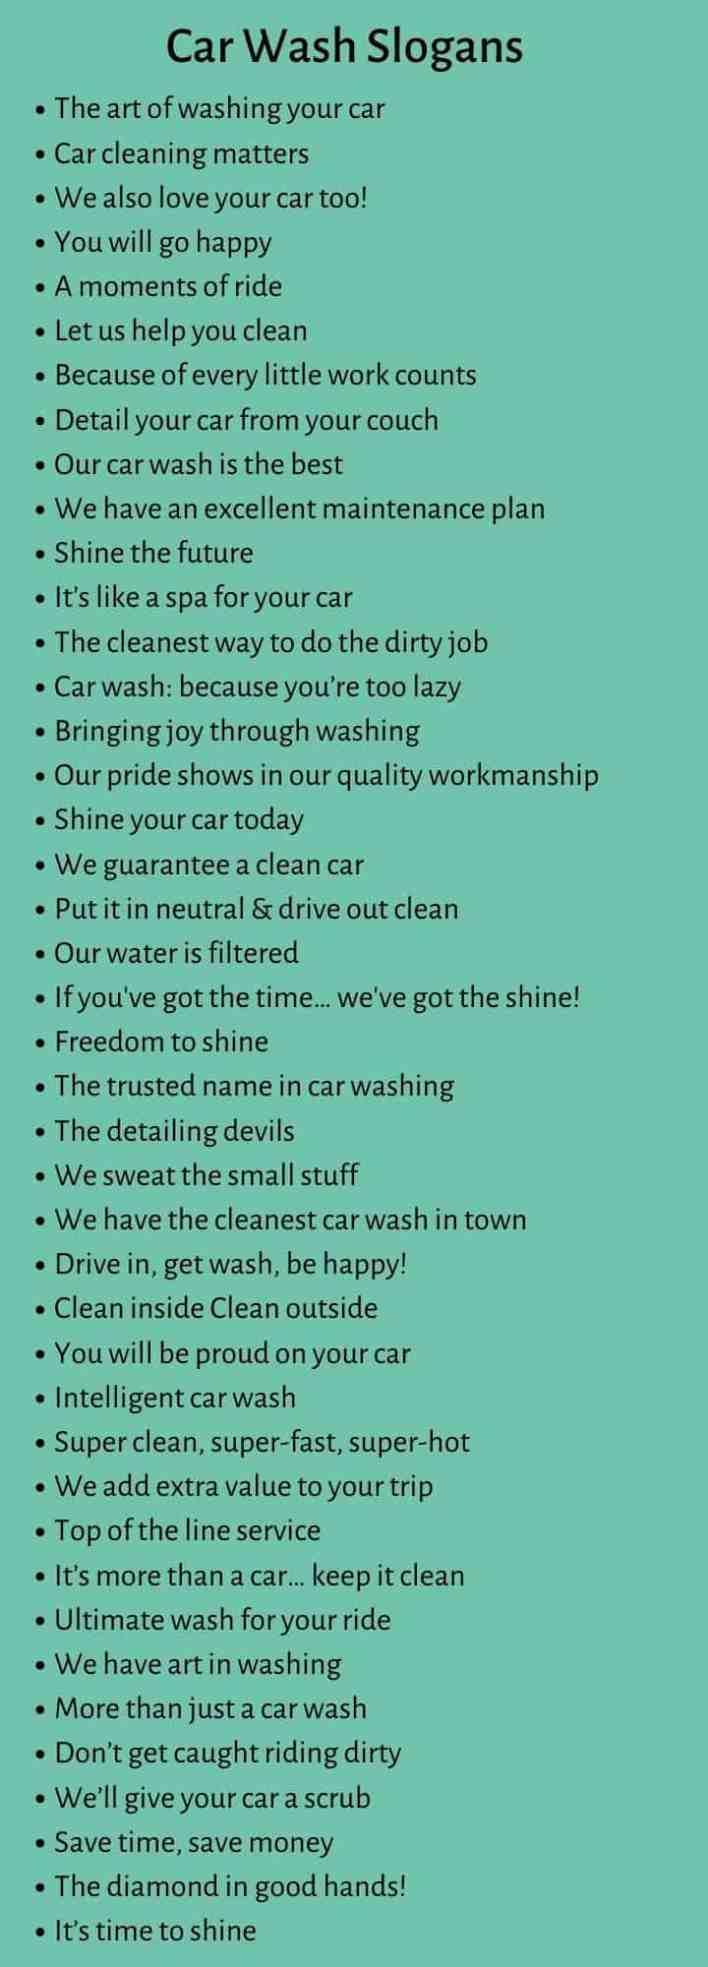 Car Wash Slogans